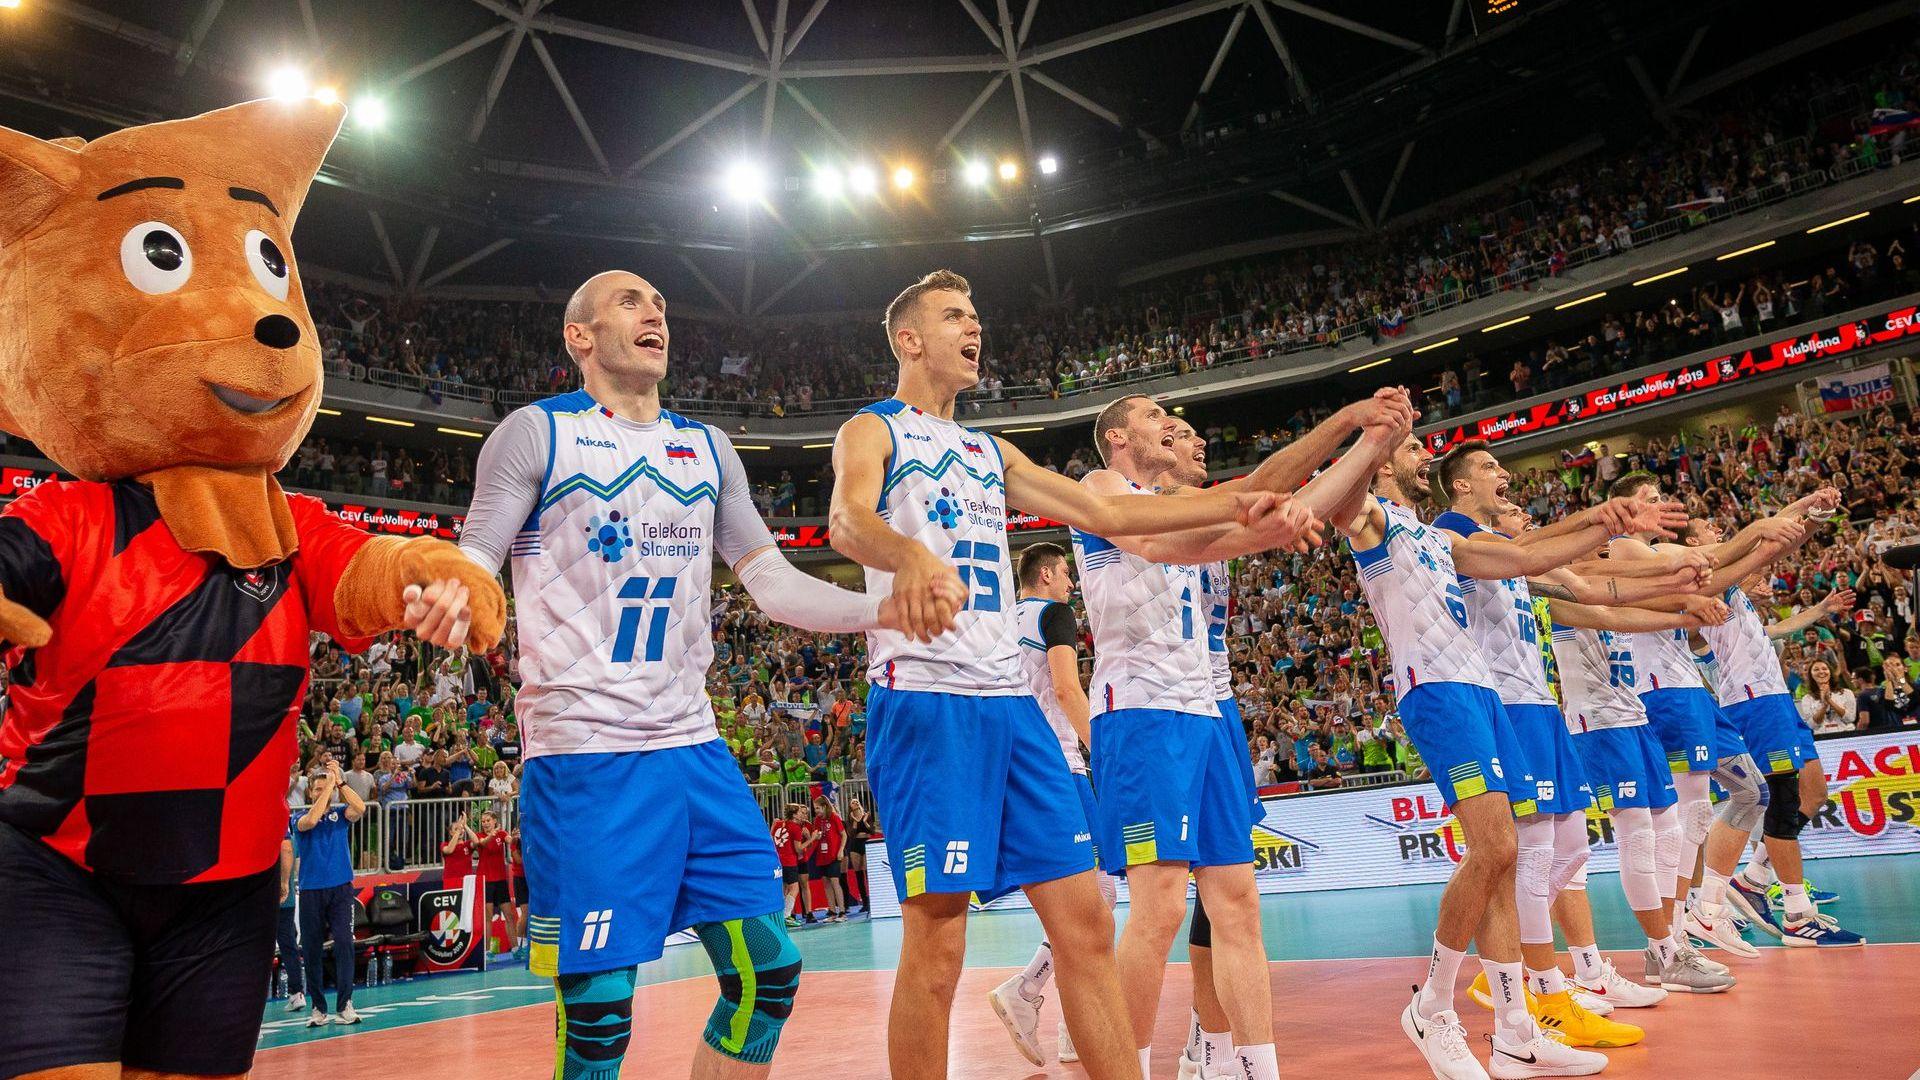 Словенското торнадо отнесе и шампиона на Евроволей